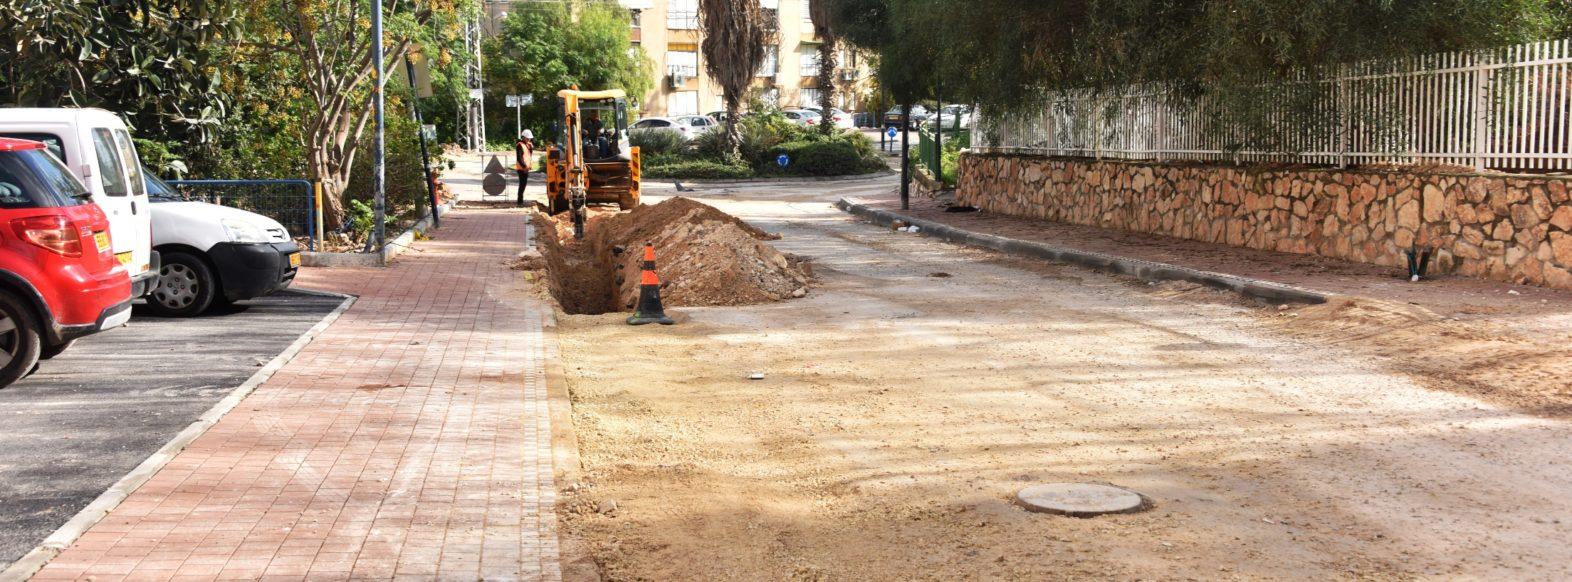 נמשכות עבודות תשתית ברחוב יצחק שדה במסגרת העבודות מתבצעות עבודות  לשיפור הכבישים